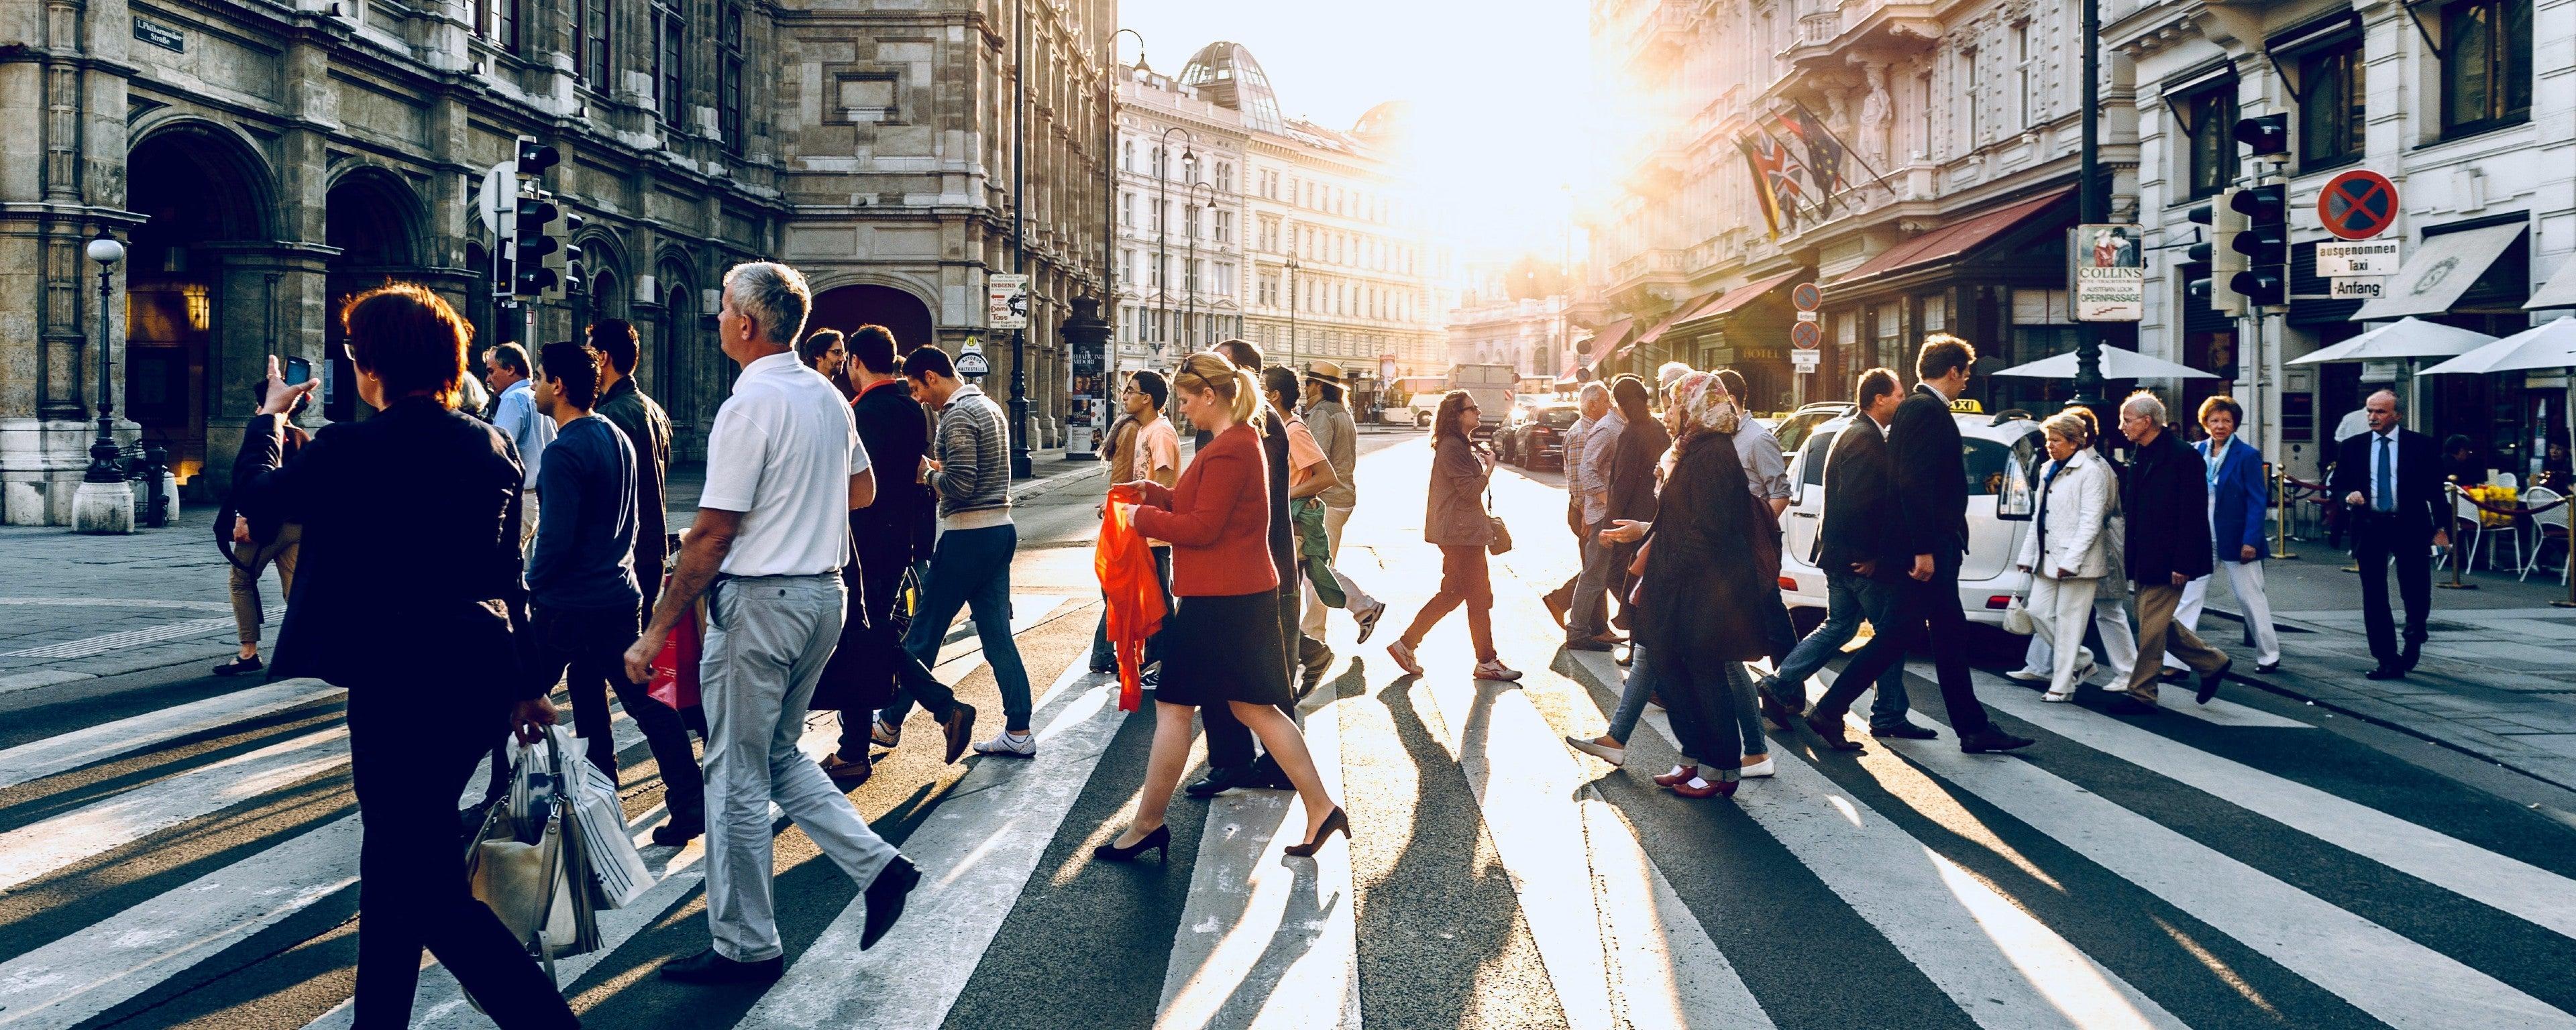 Mensen lopen over een zebra pad